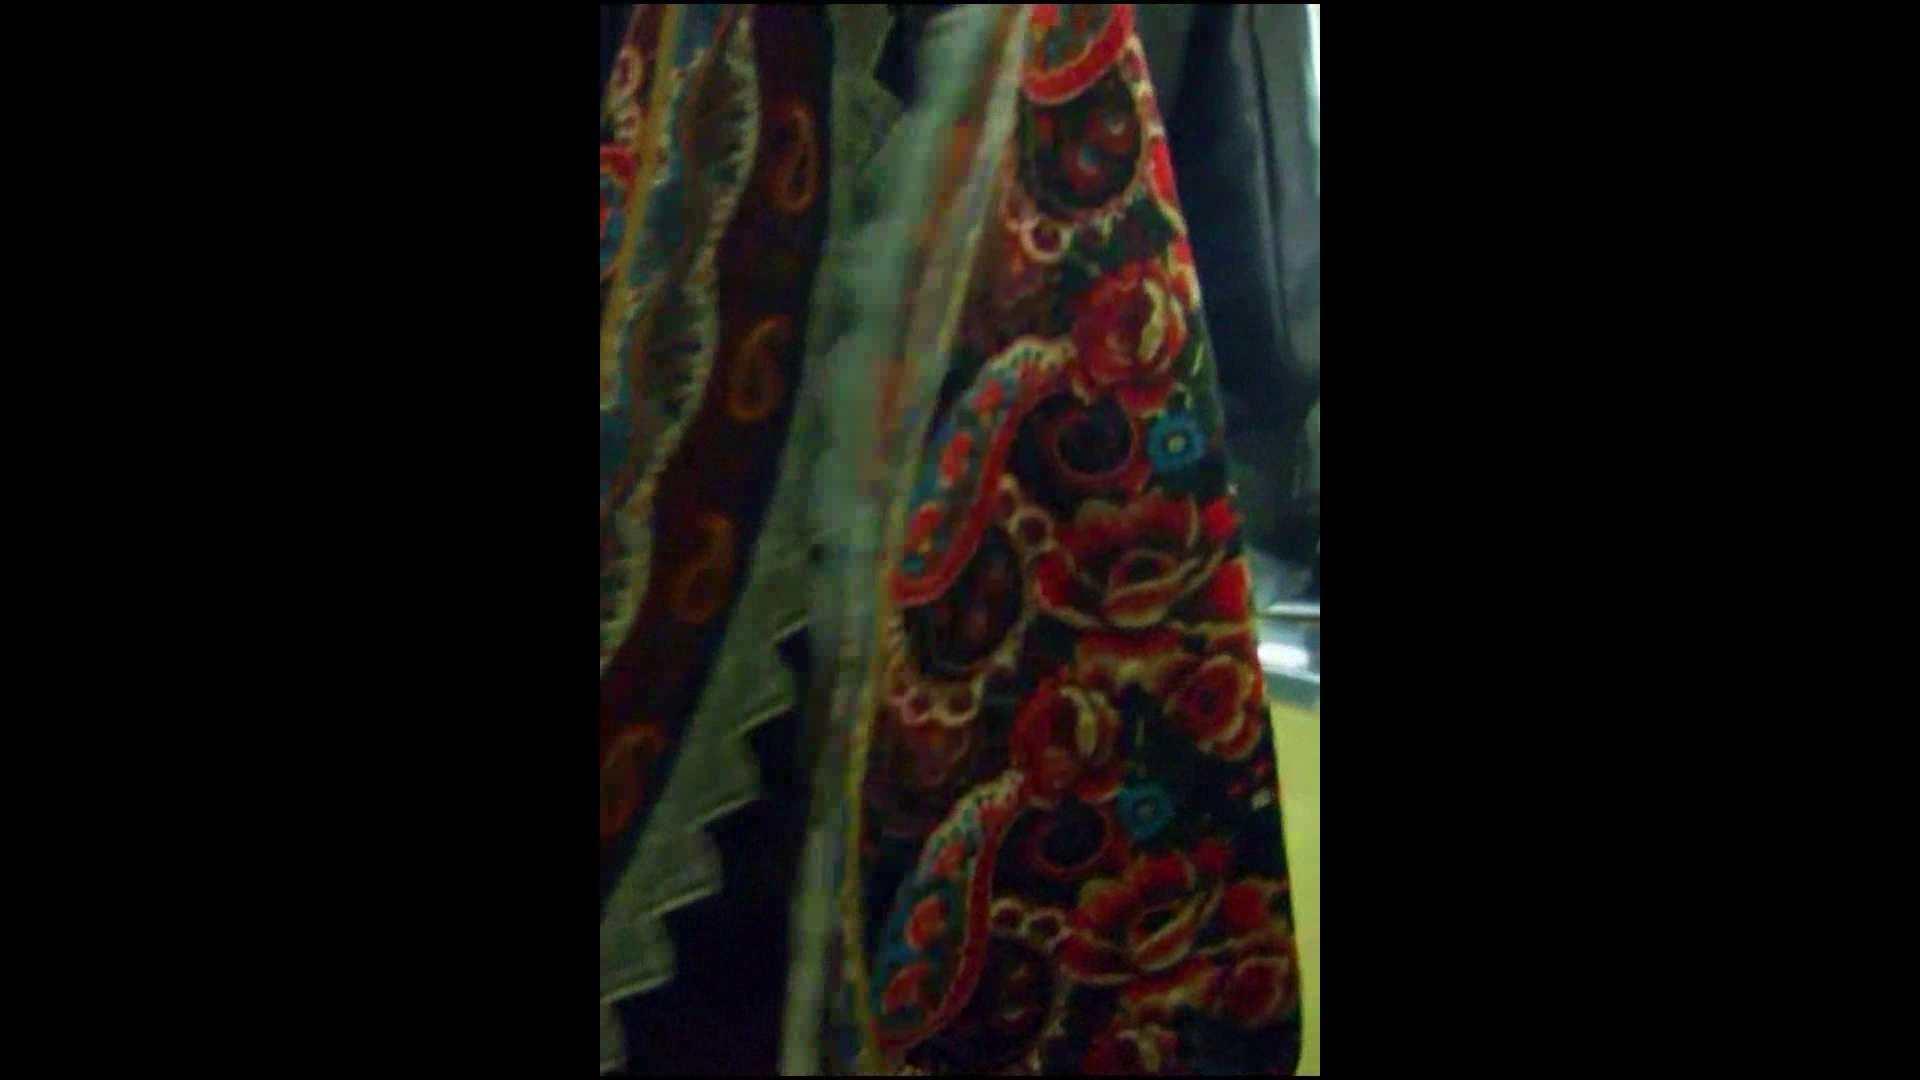 綺麗なモデルさんのスカート捲っちゃおう‼vol05 お姉さんのエロ動画  102PIX 66